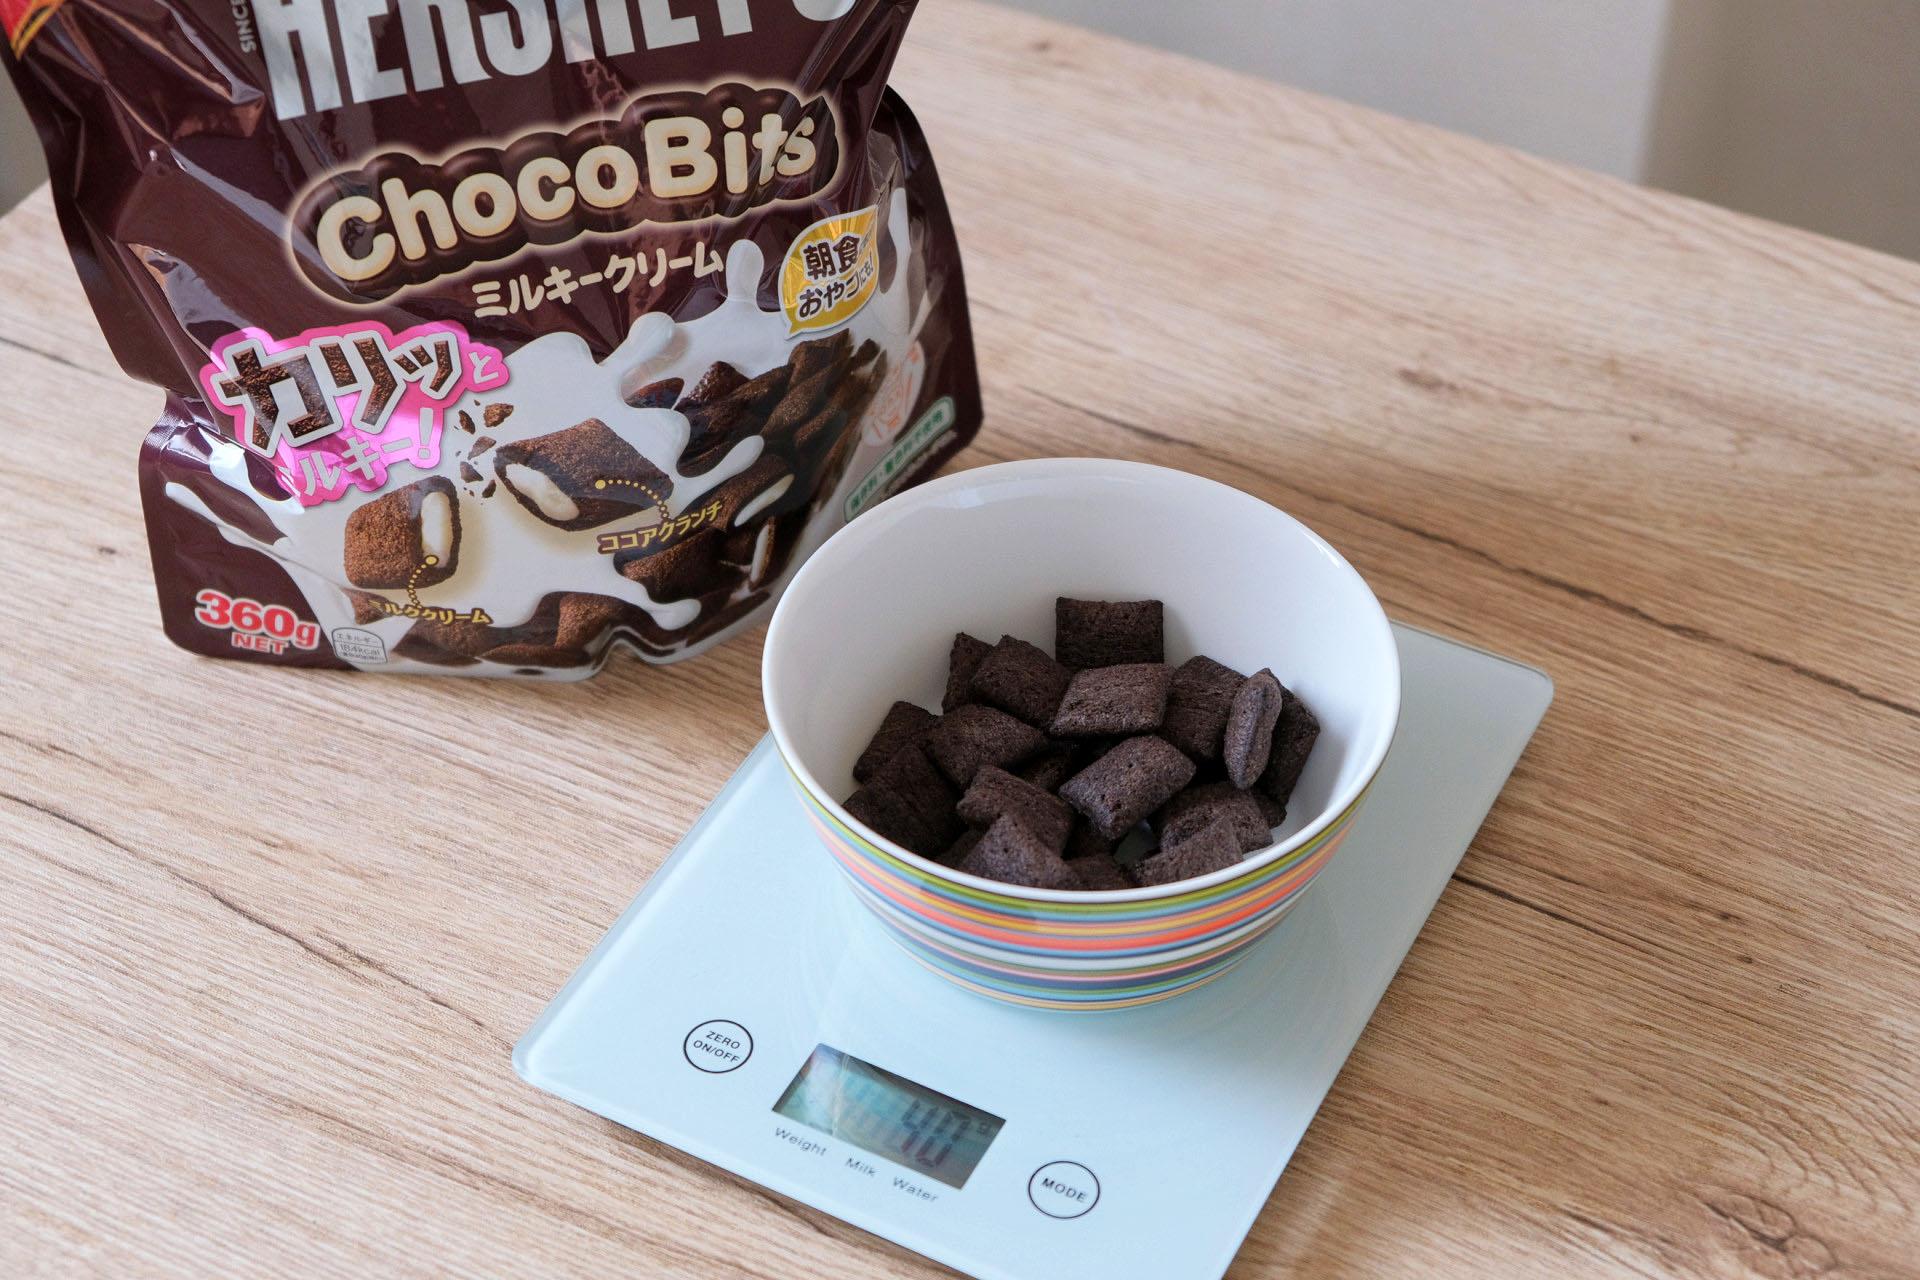 「ハーシーチョコビッツ」のグラムごとの写真とカロリーなどの栄養成分まとめ